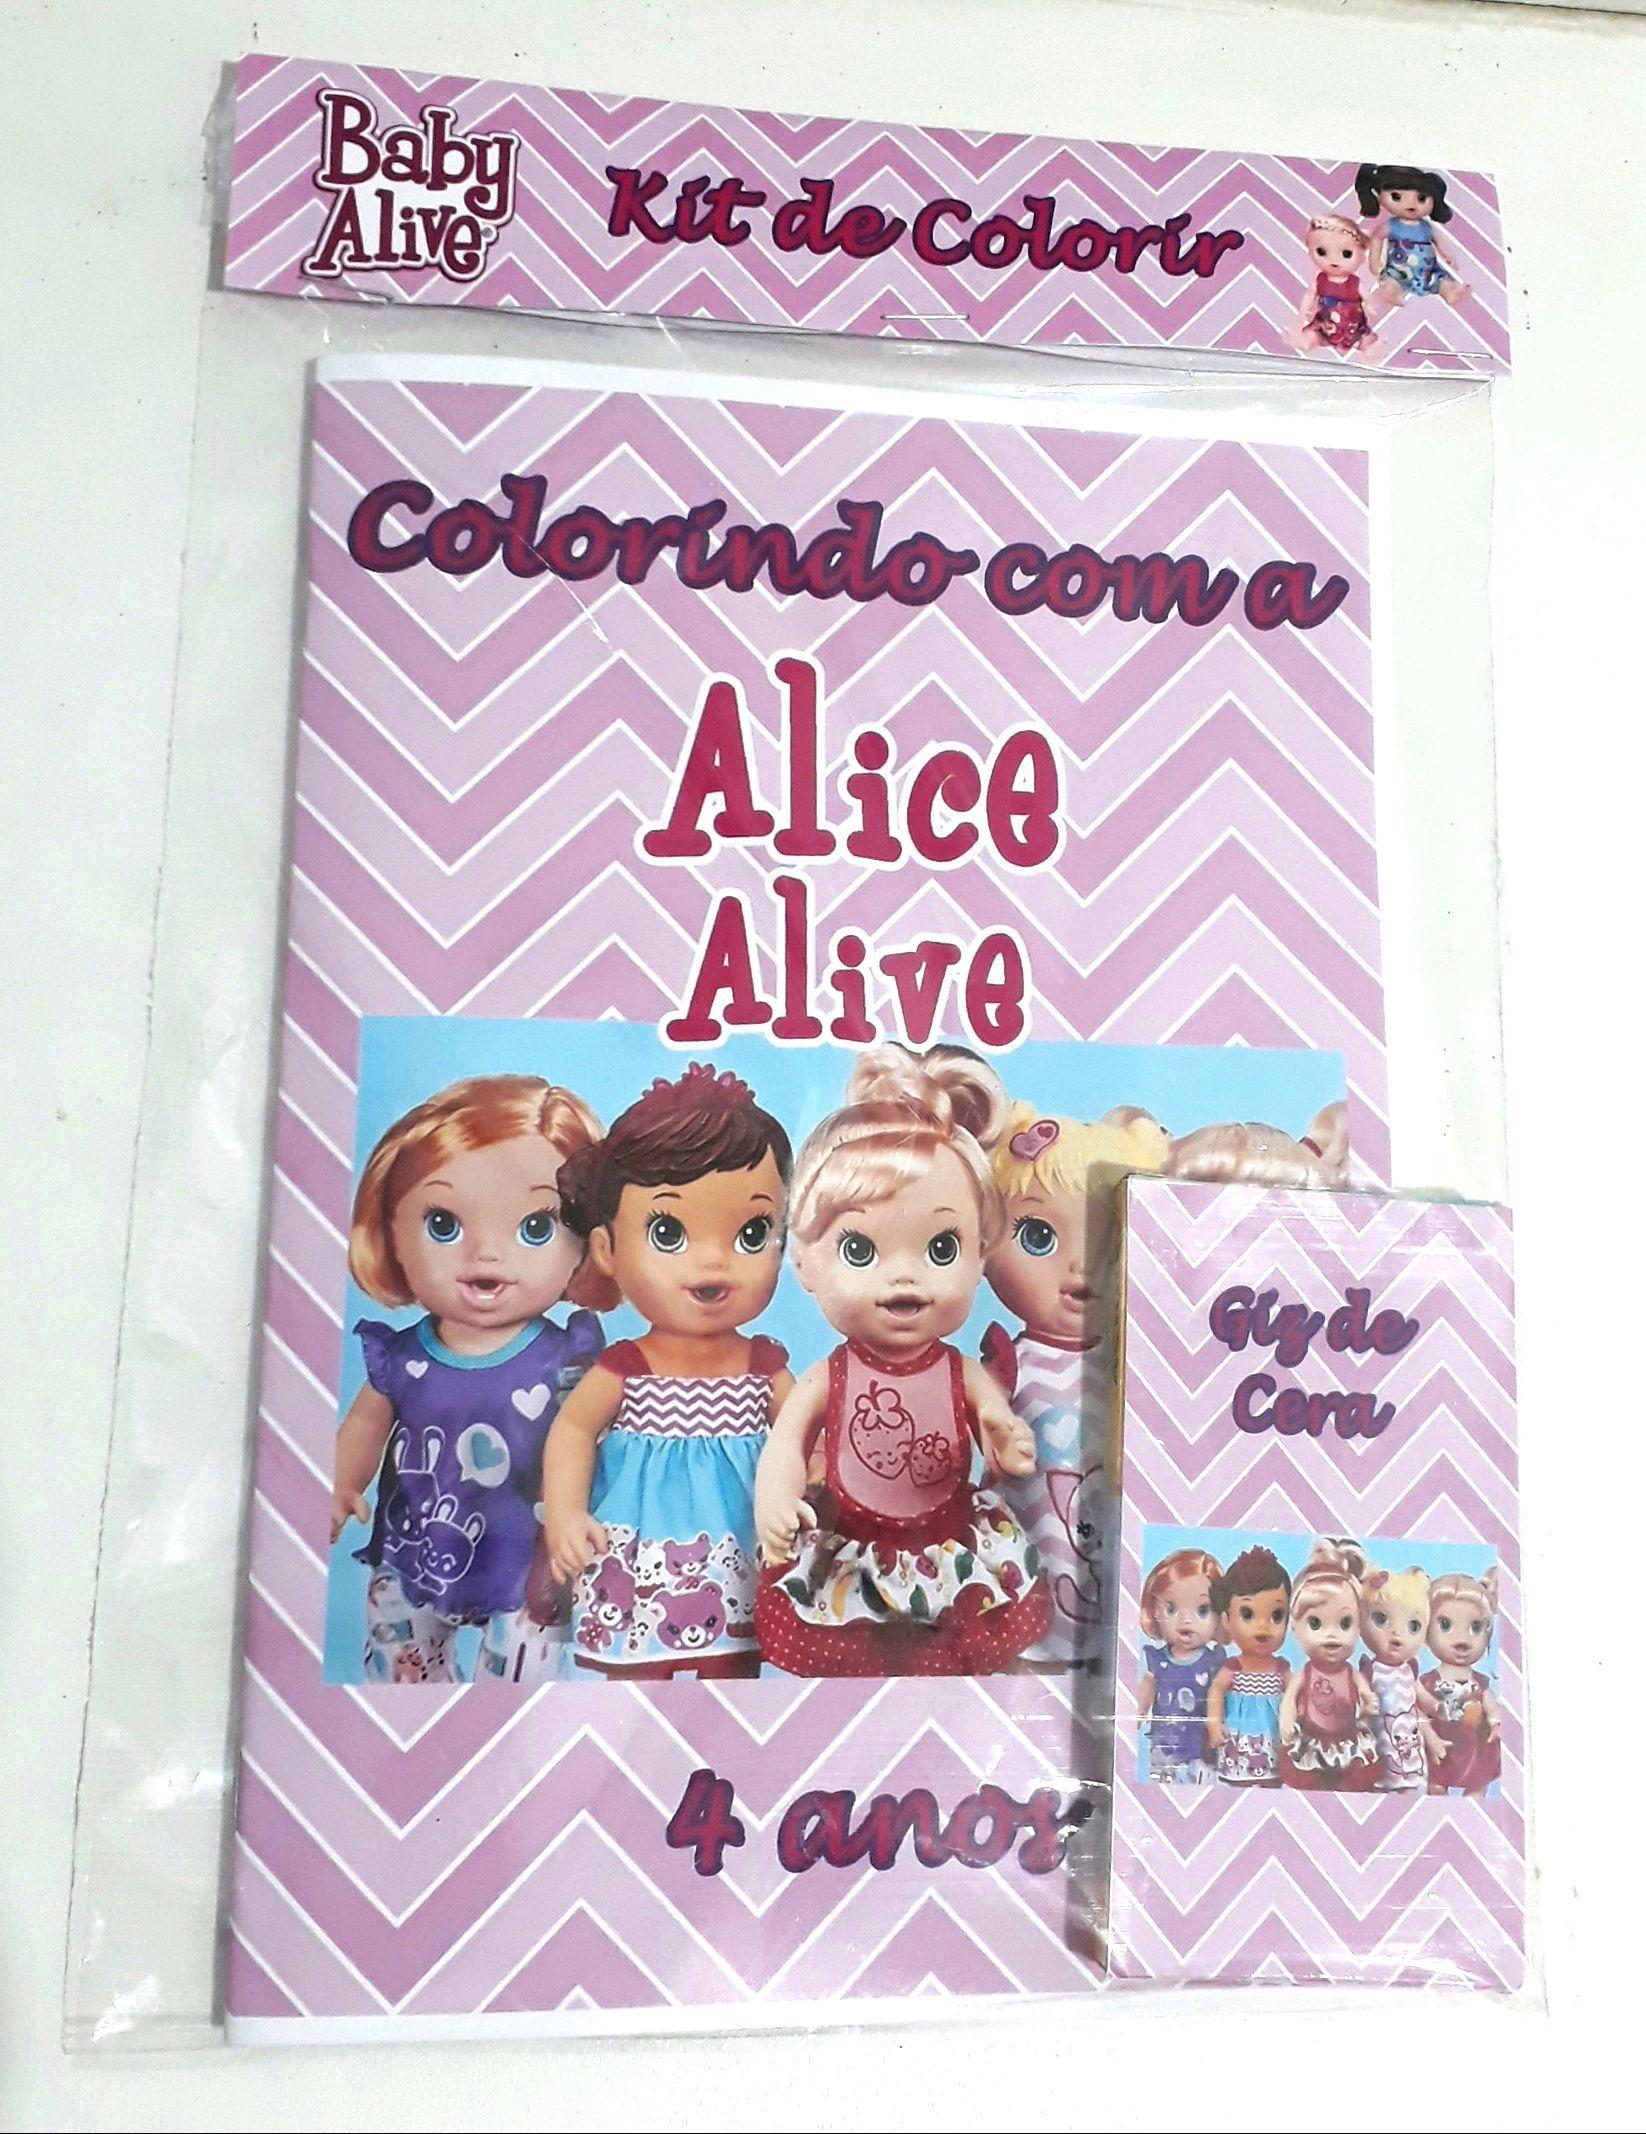 Lembrancinha Kit De Colorir Baby Alive No Elo7 Atelie Cheirinho